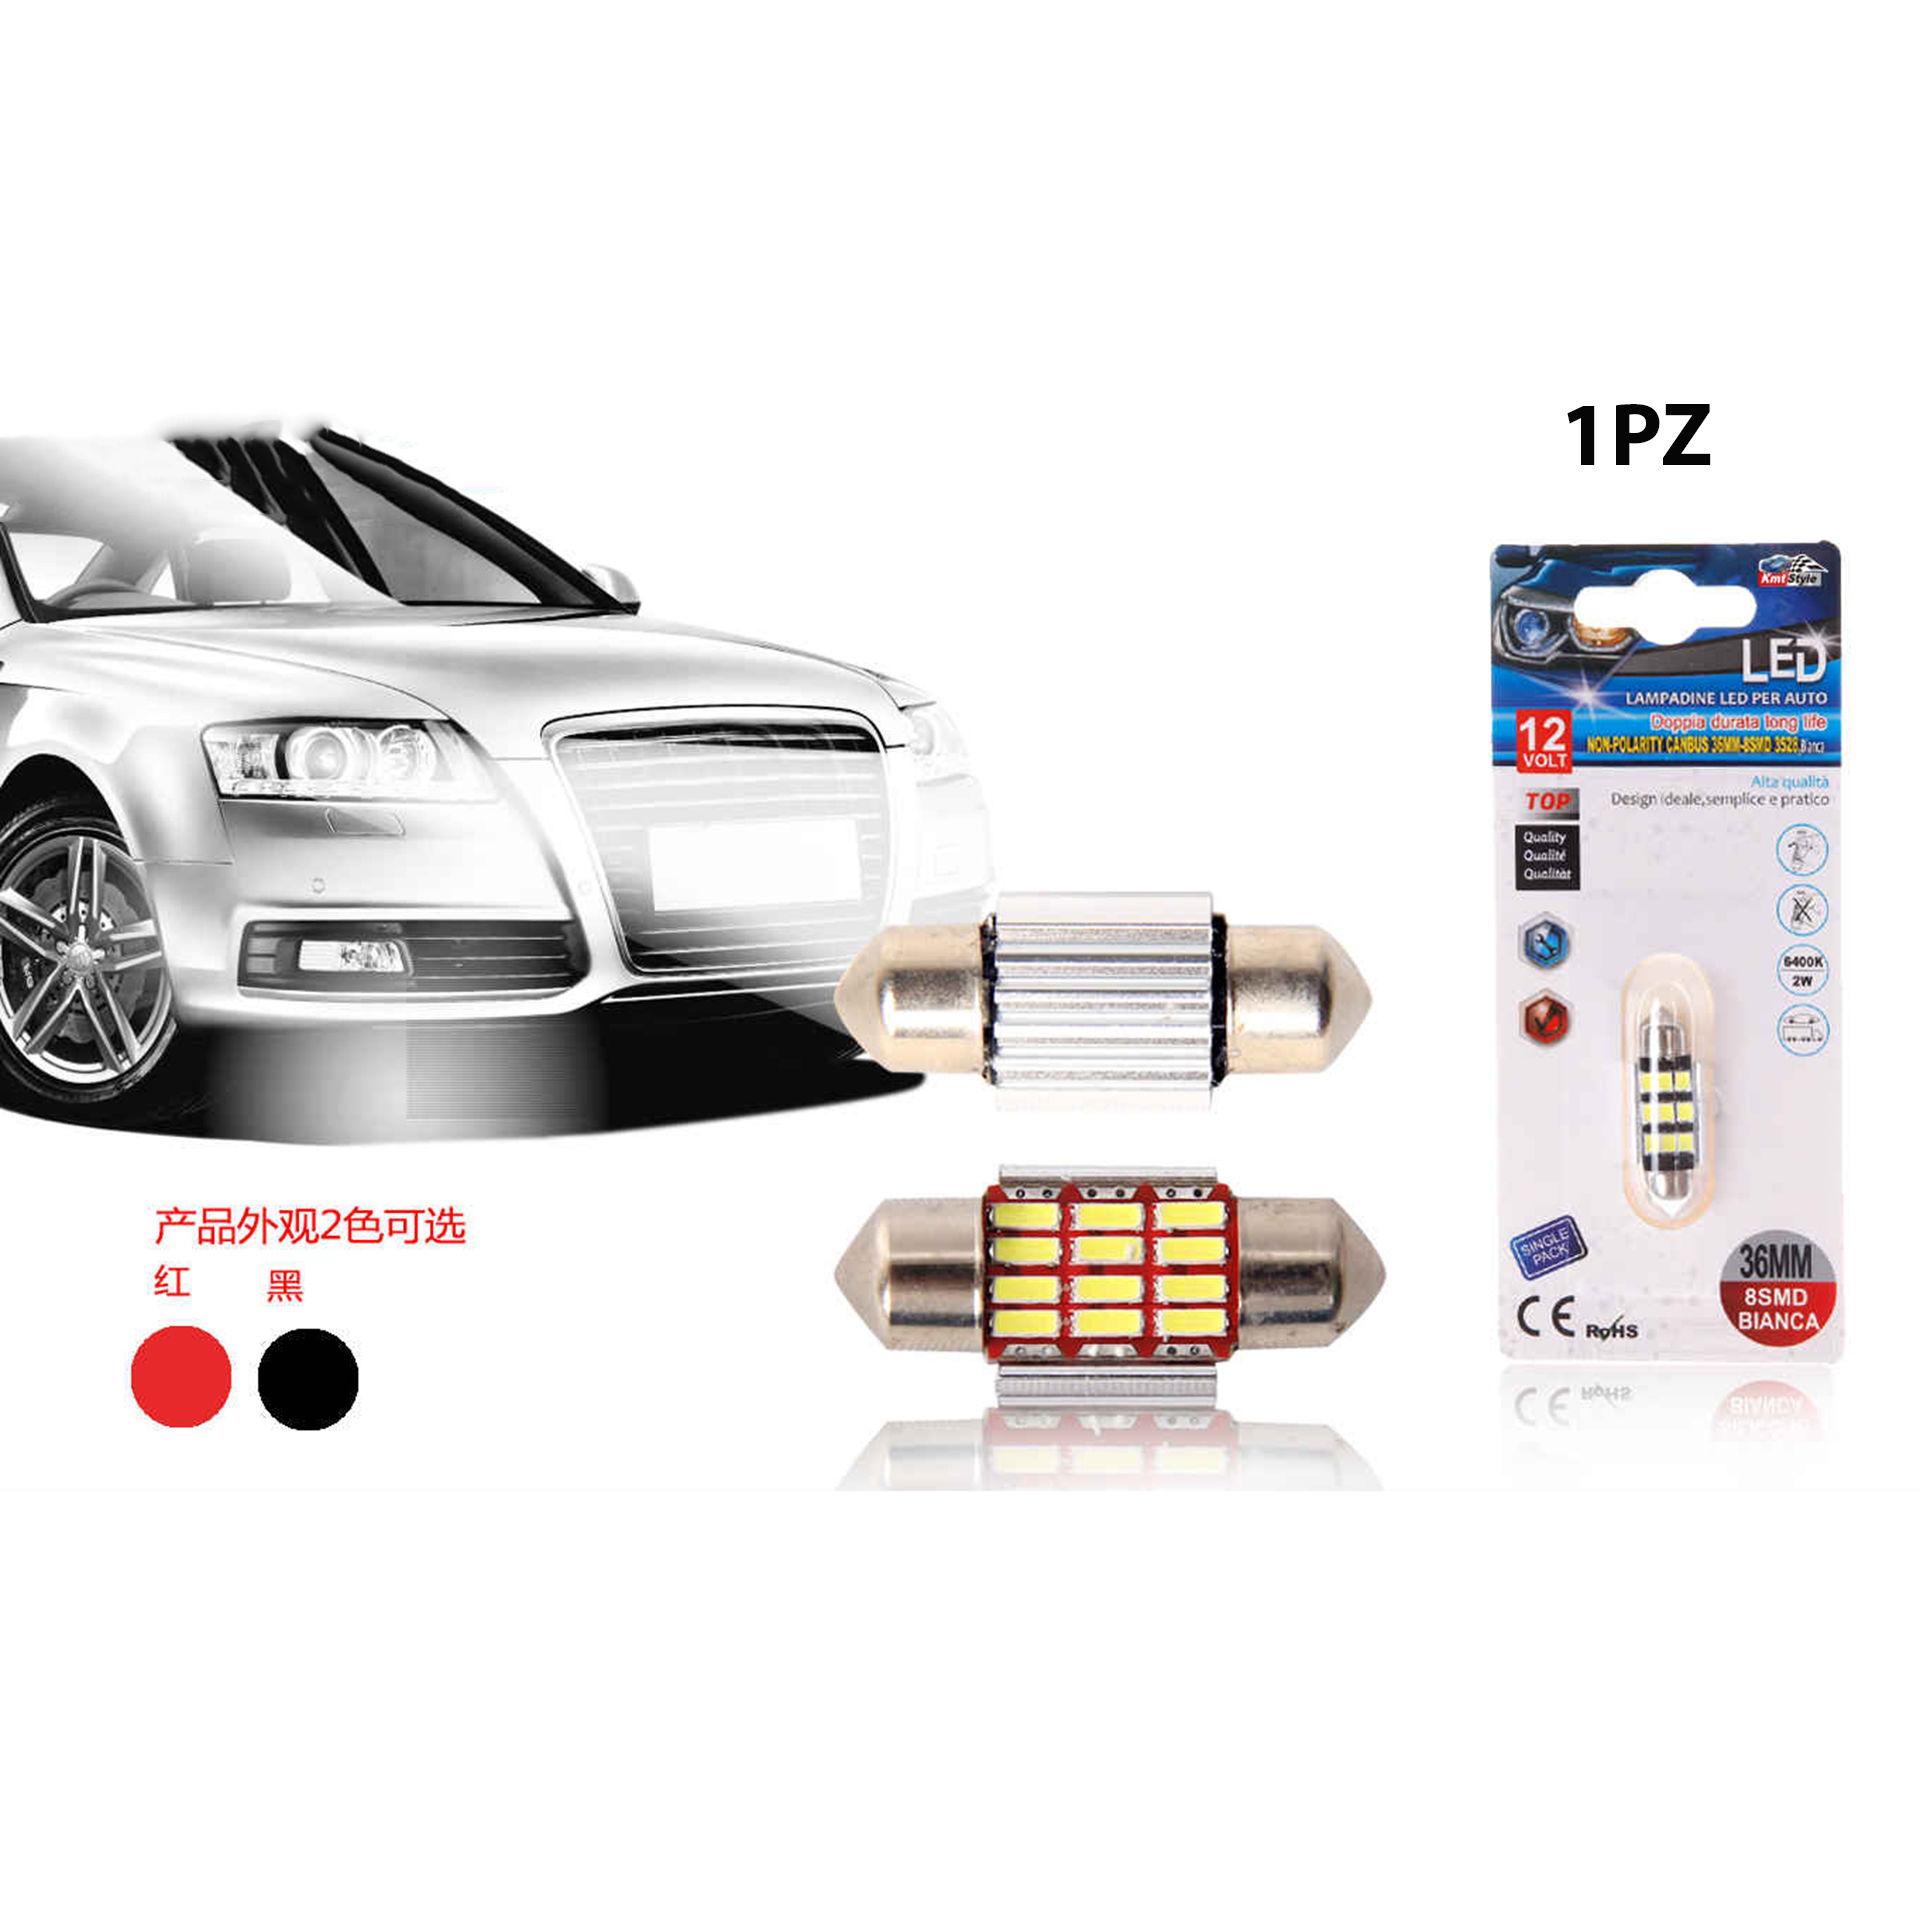 LAMPADINE LED PER AUTO 1PZ 36MMEmi Style